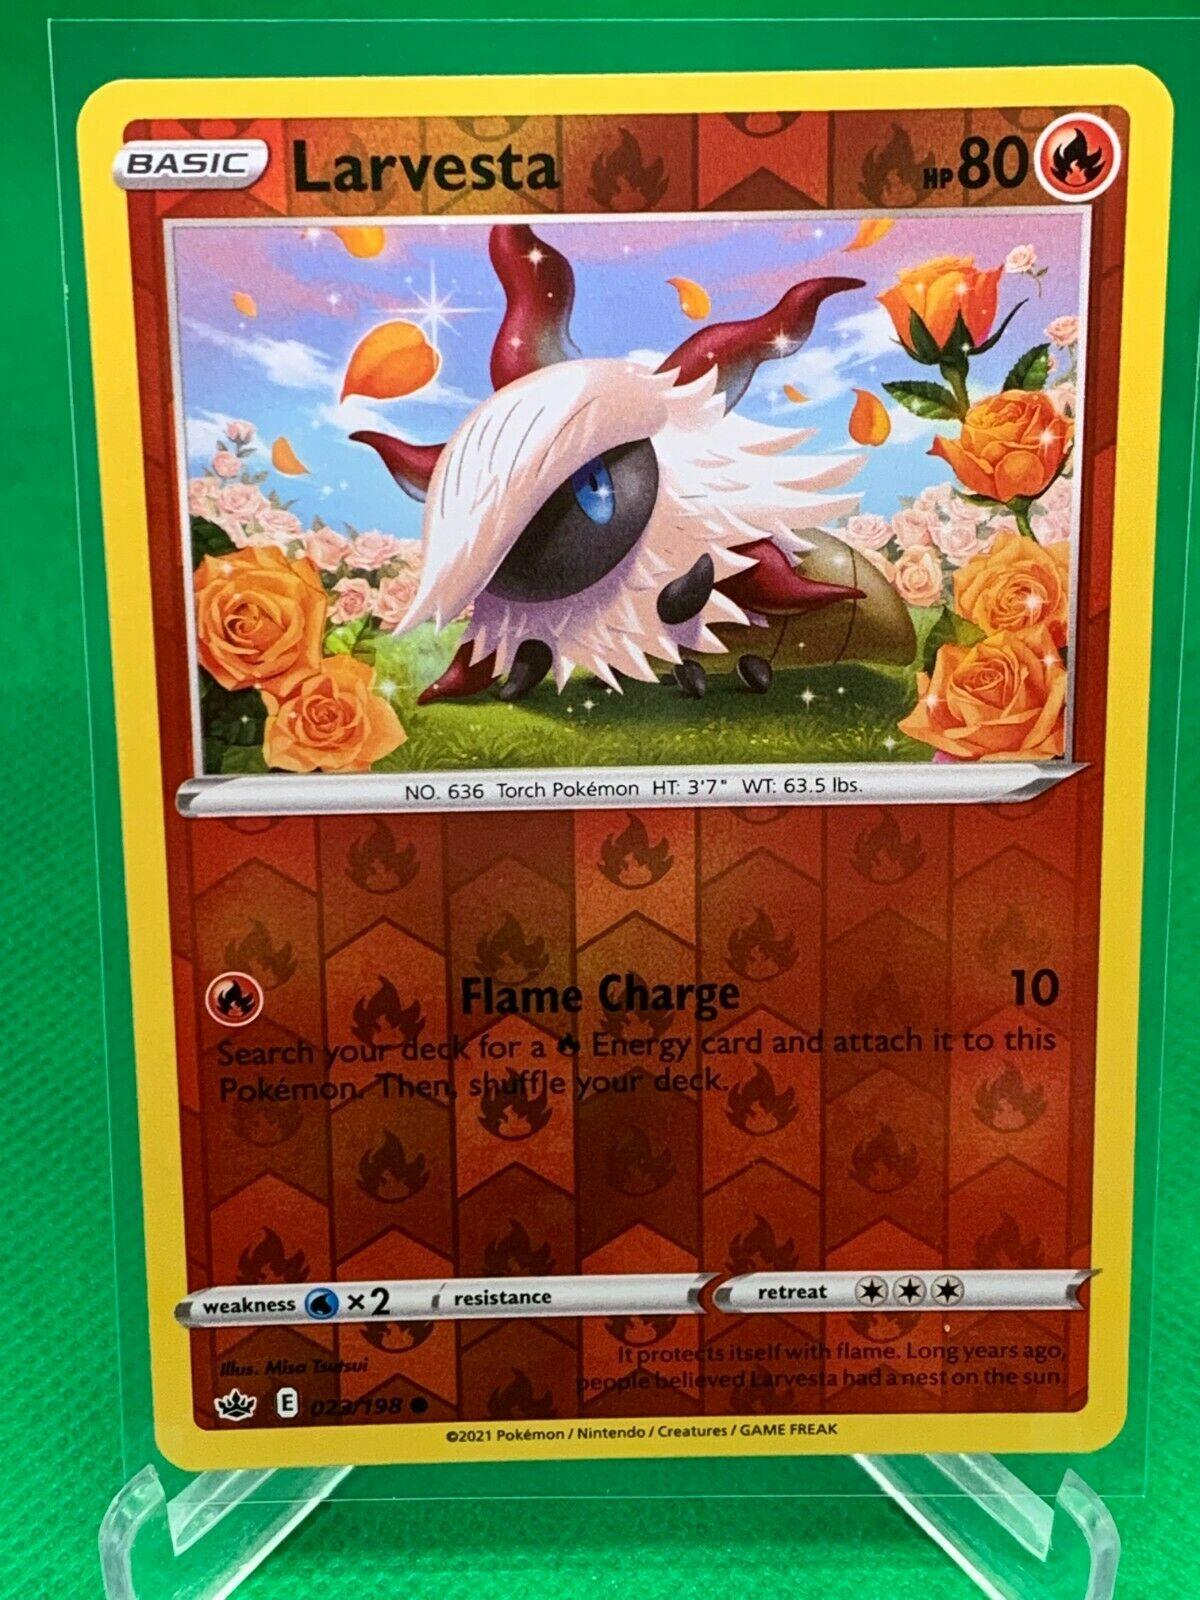 Pokemon - Larvesta - Chilling Reign - 023/198 - Reverse Holo - Image 1